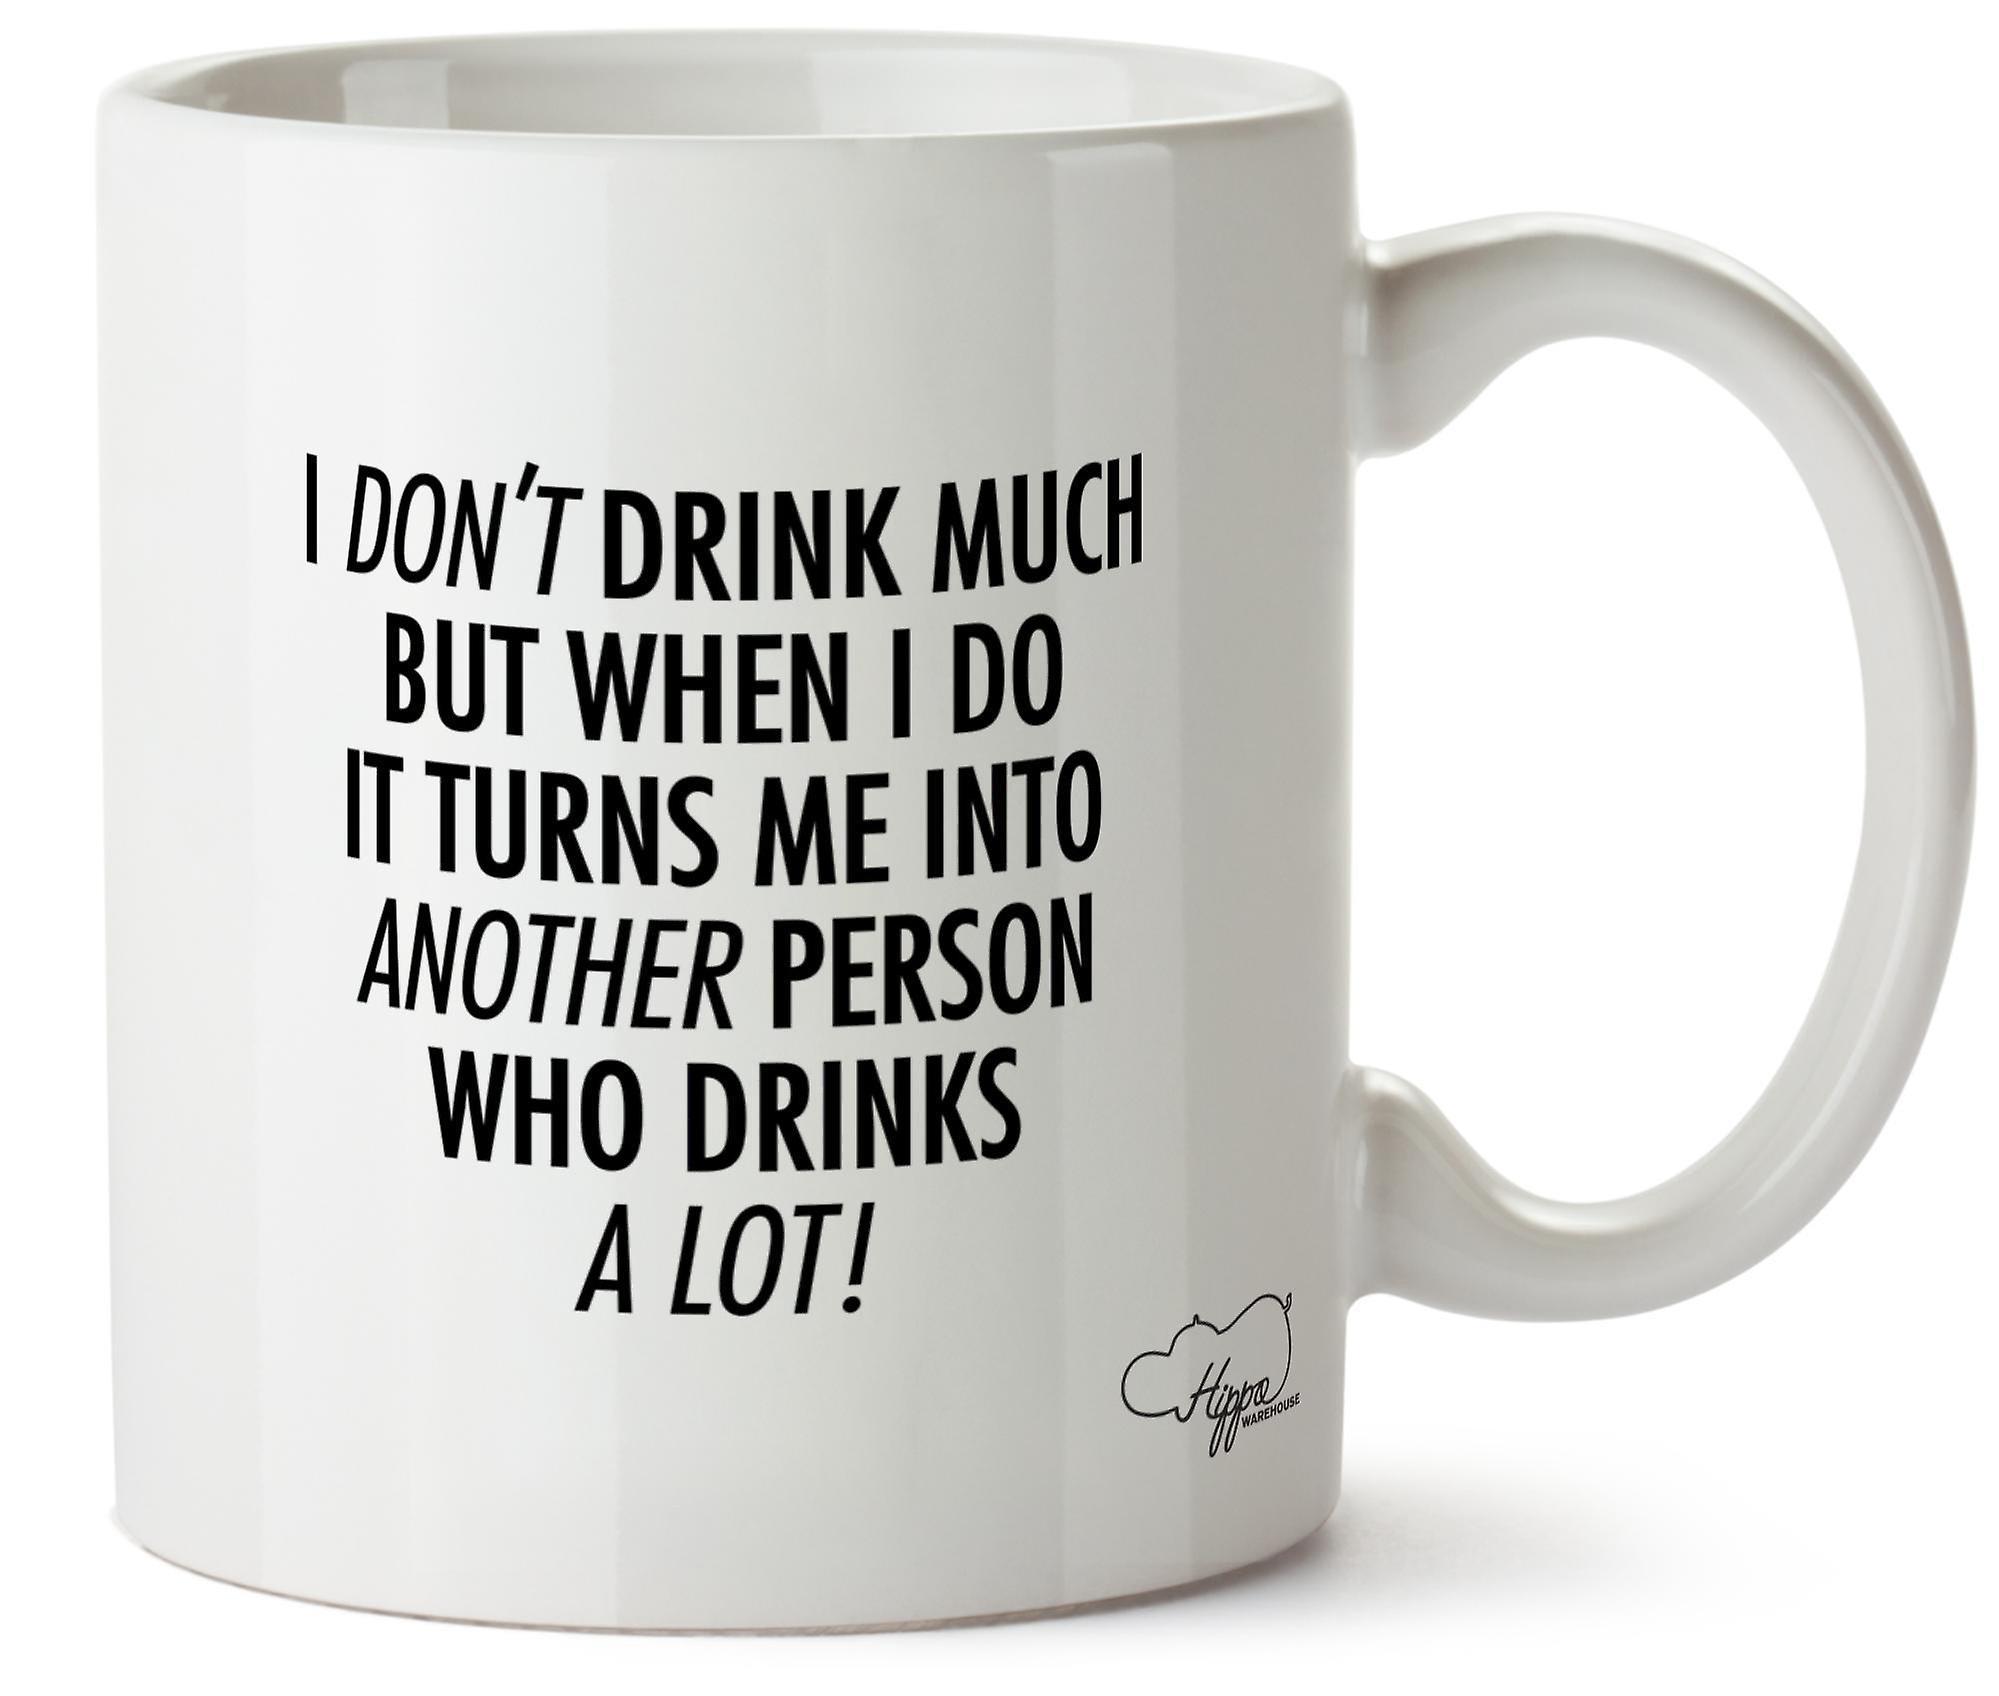 Hippowarehouse я не пью много, но когда я делаю это превращает меня в другой человек, который пьет много! 10 oz кружка Кубок